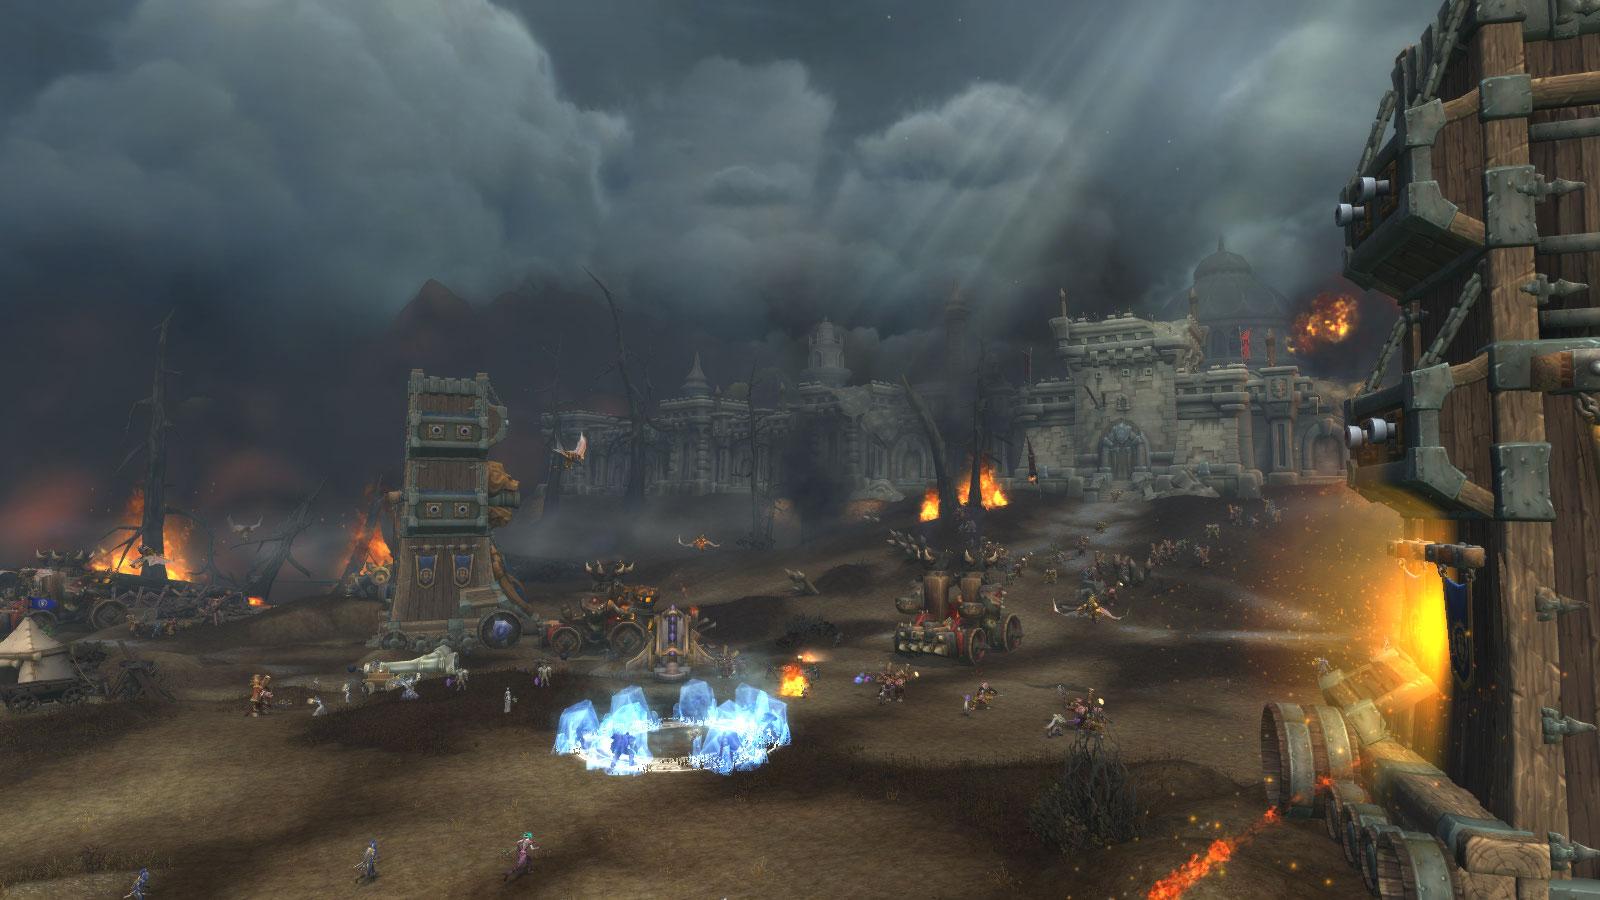 Vue extérieure de la bataille de Lordaeron